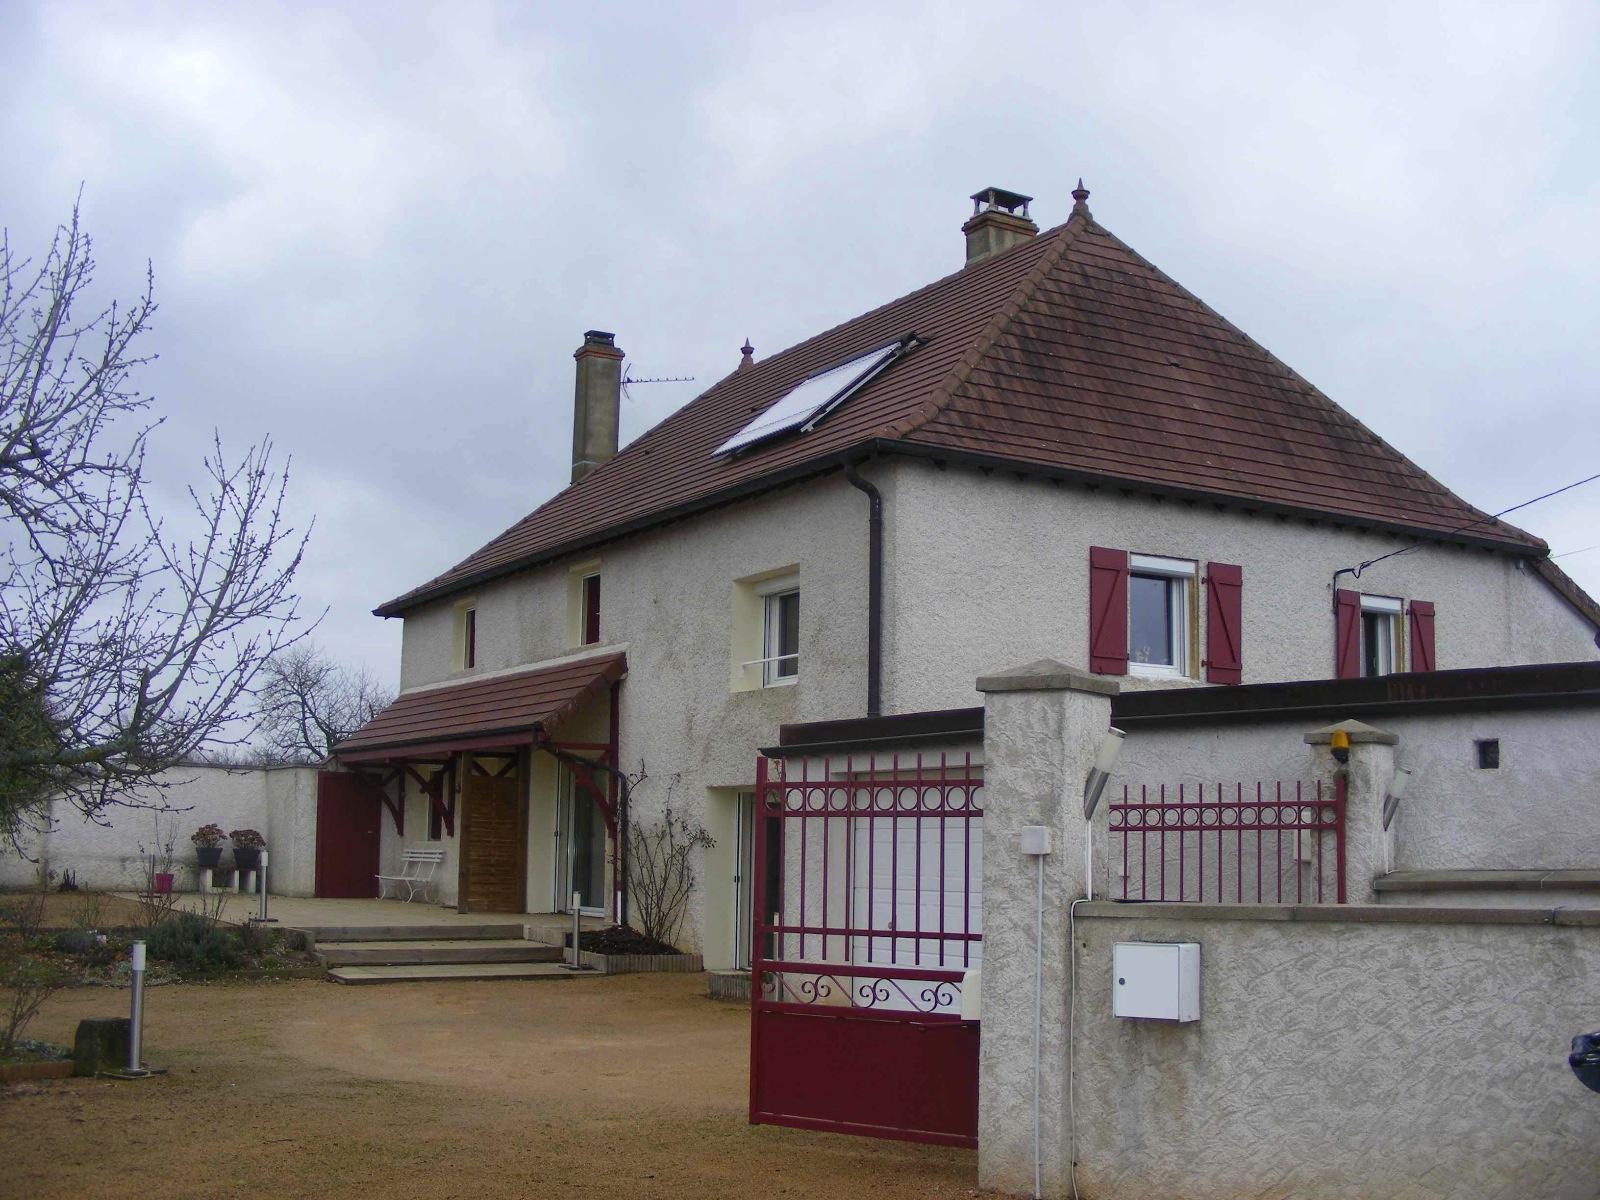 vente maison villa maison brionnaise renovee bienscom